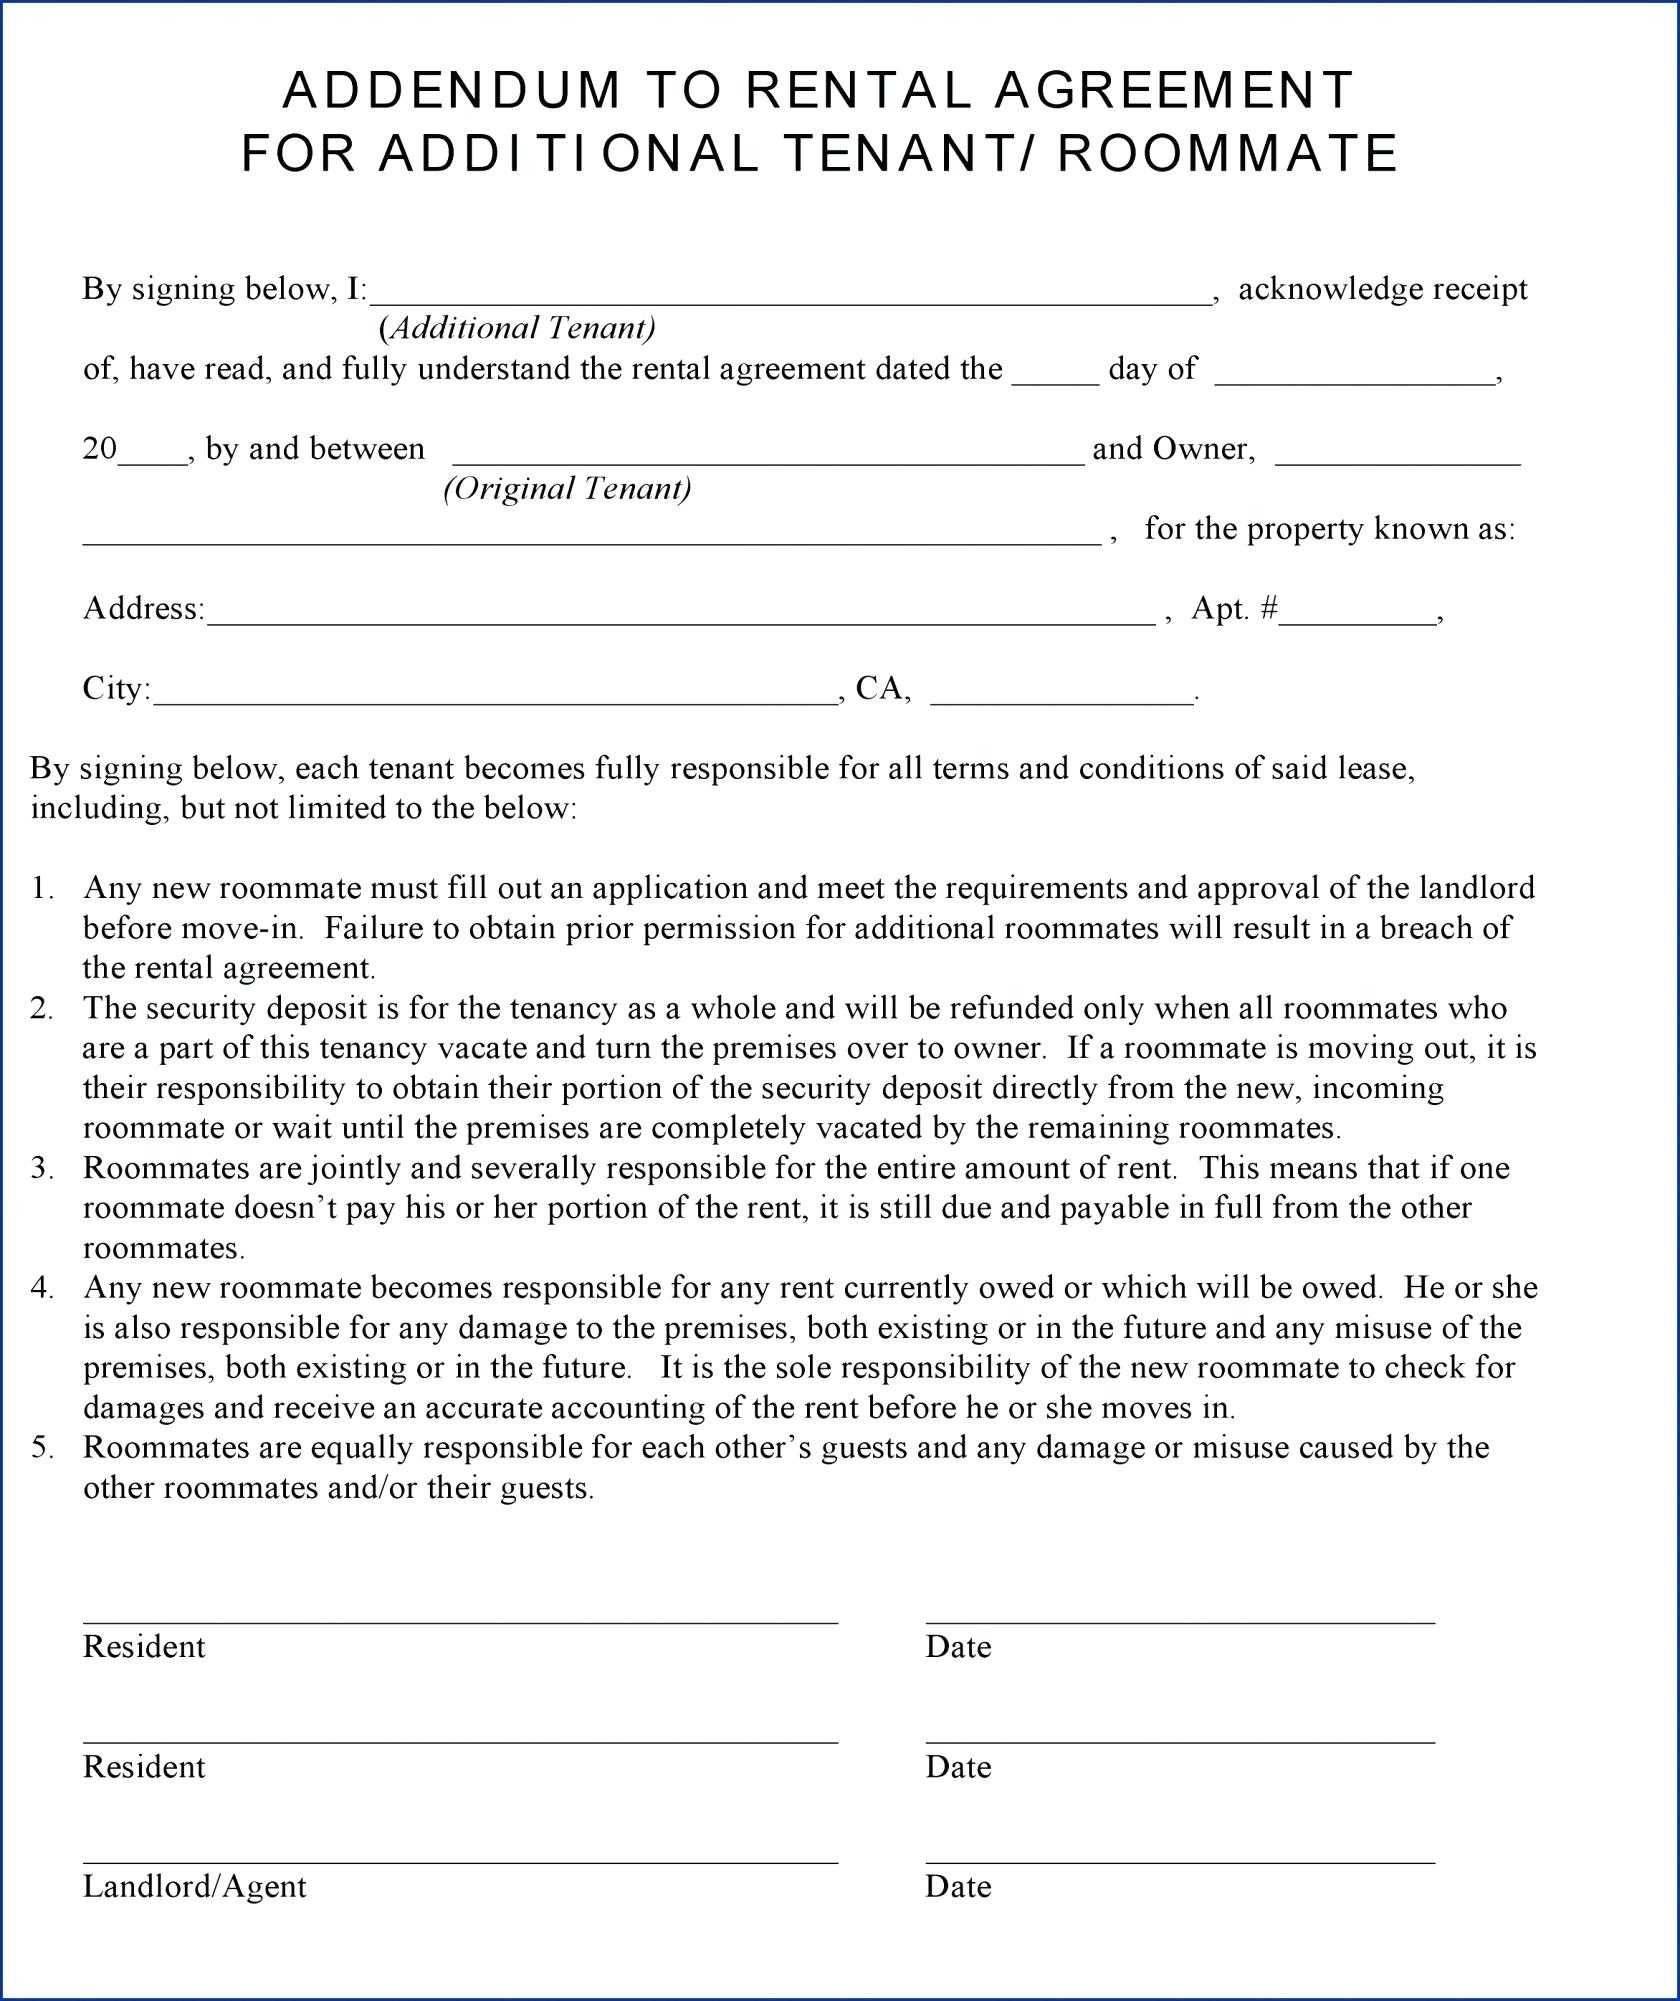 Rental Agreement Pet Addendum Template